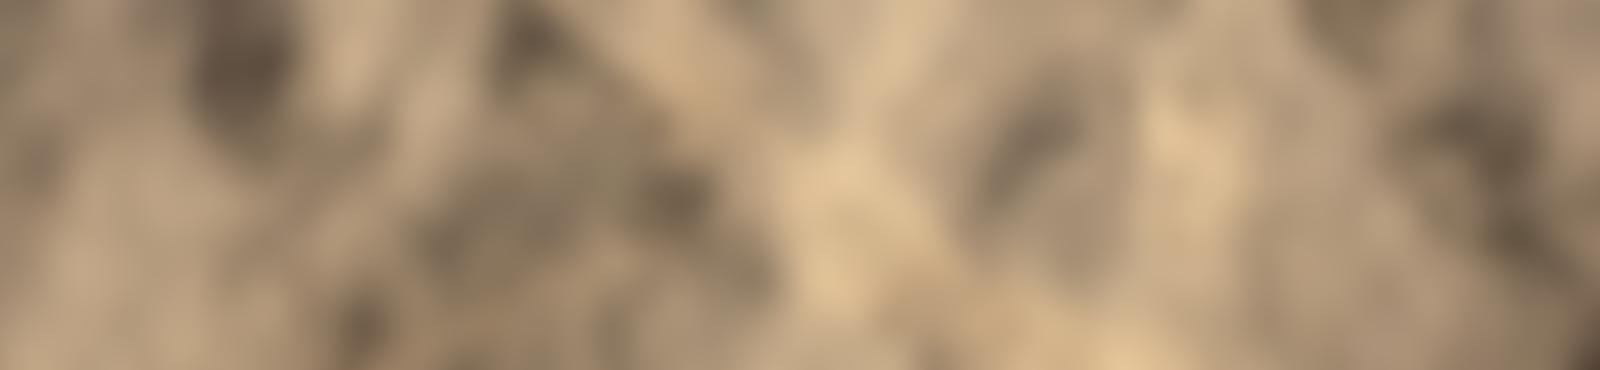 Blurred 99c237b4 a74c 4b2b b8f1 1c8aa83a3a56